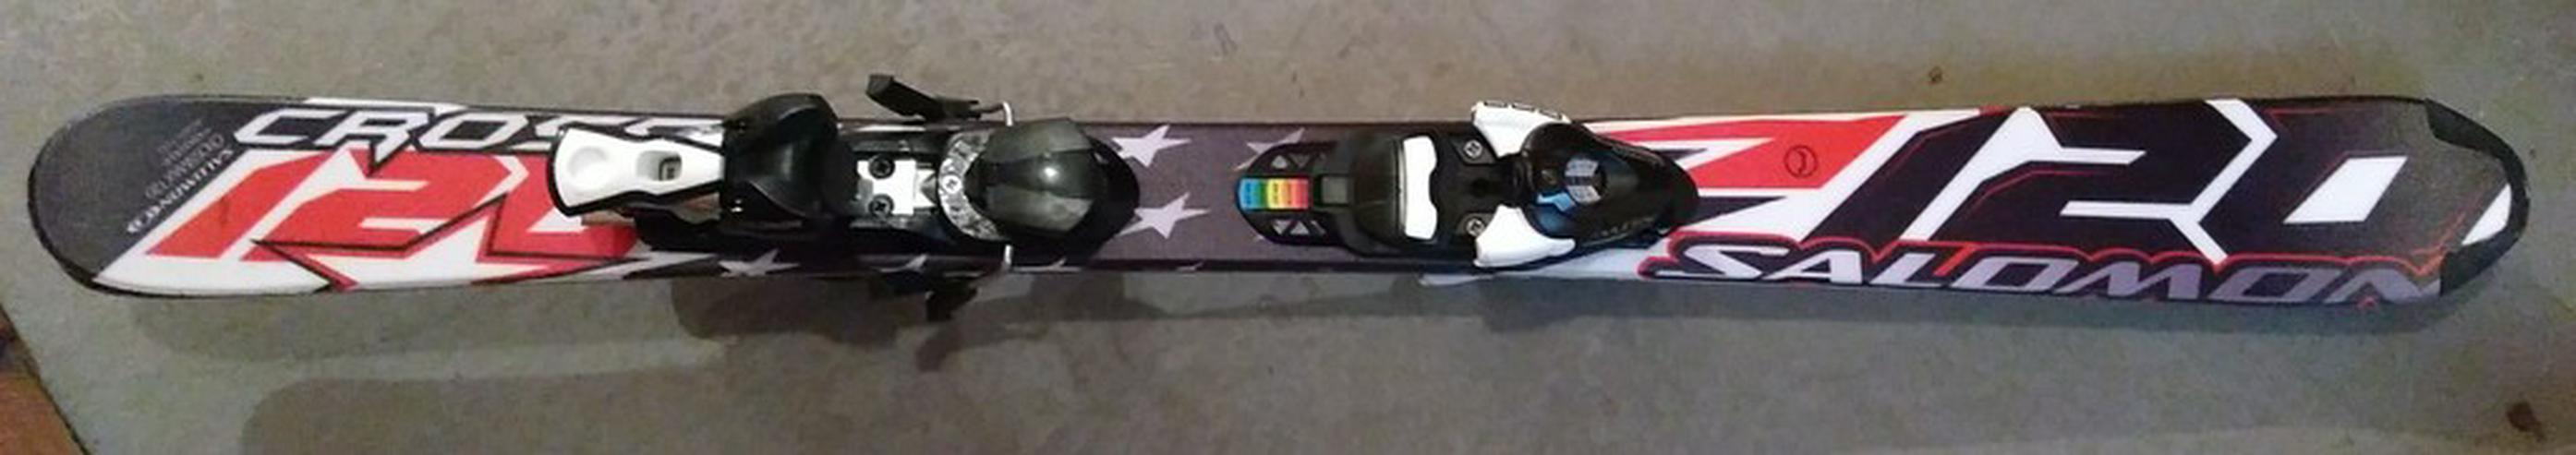 Salomon Skier 120 cm mit Stöcken